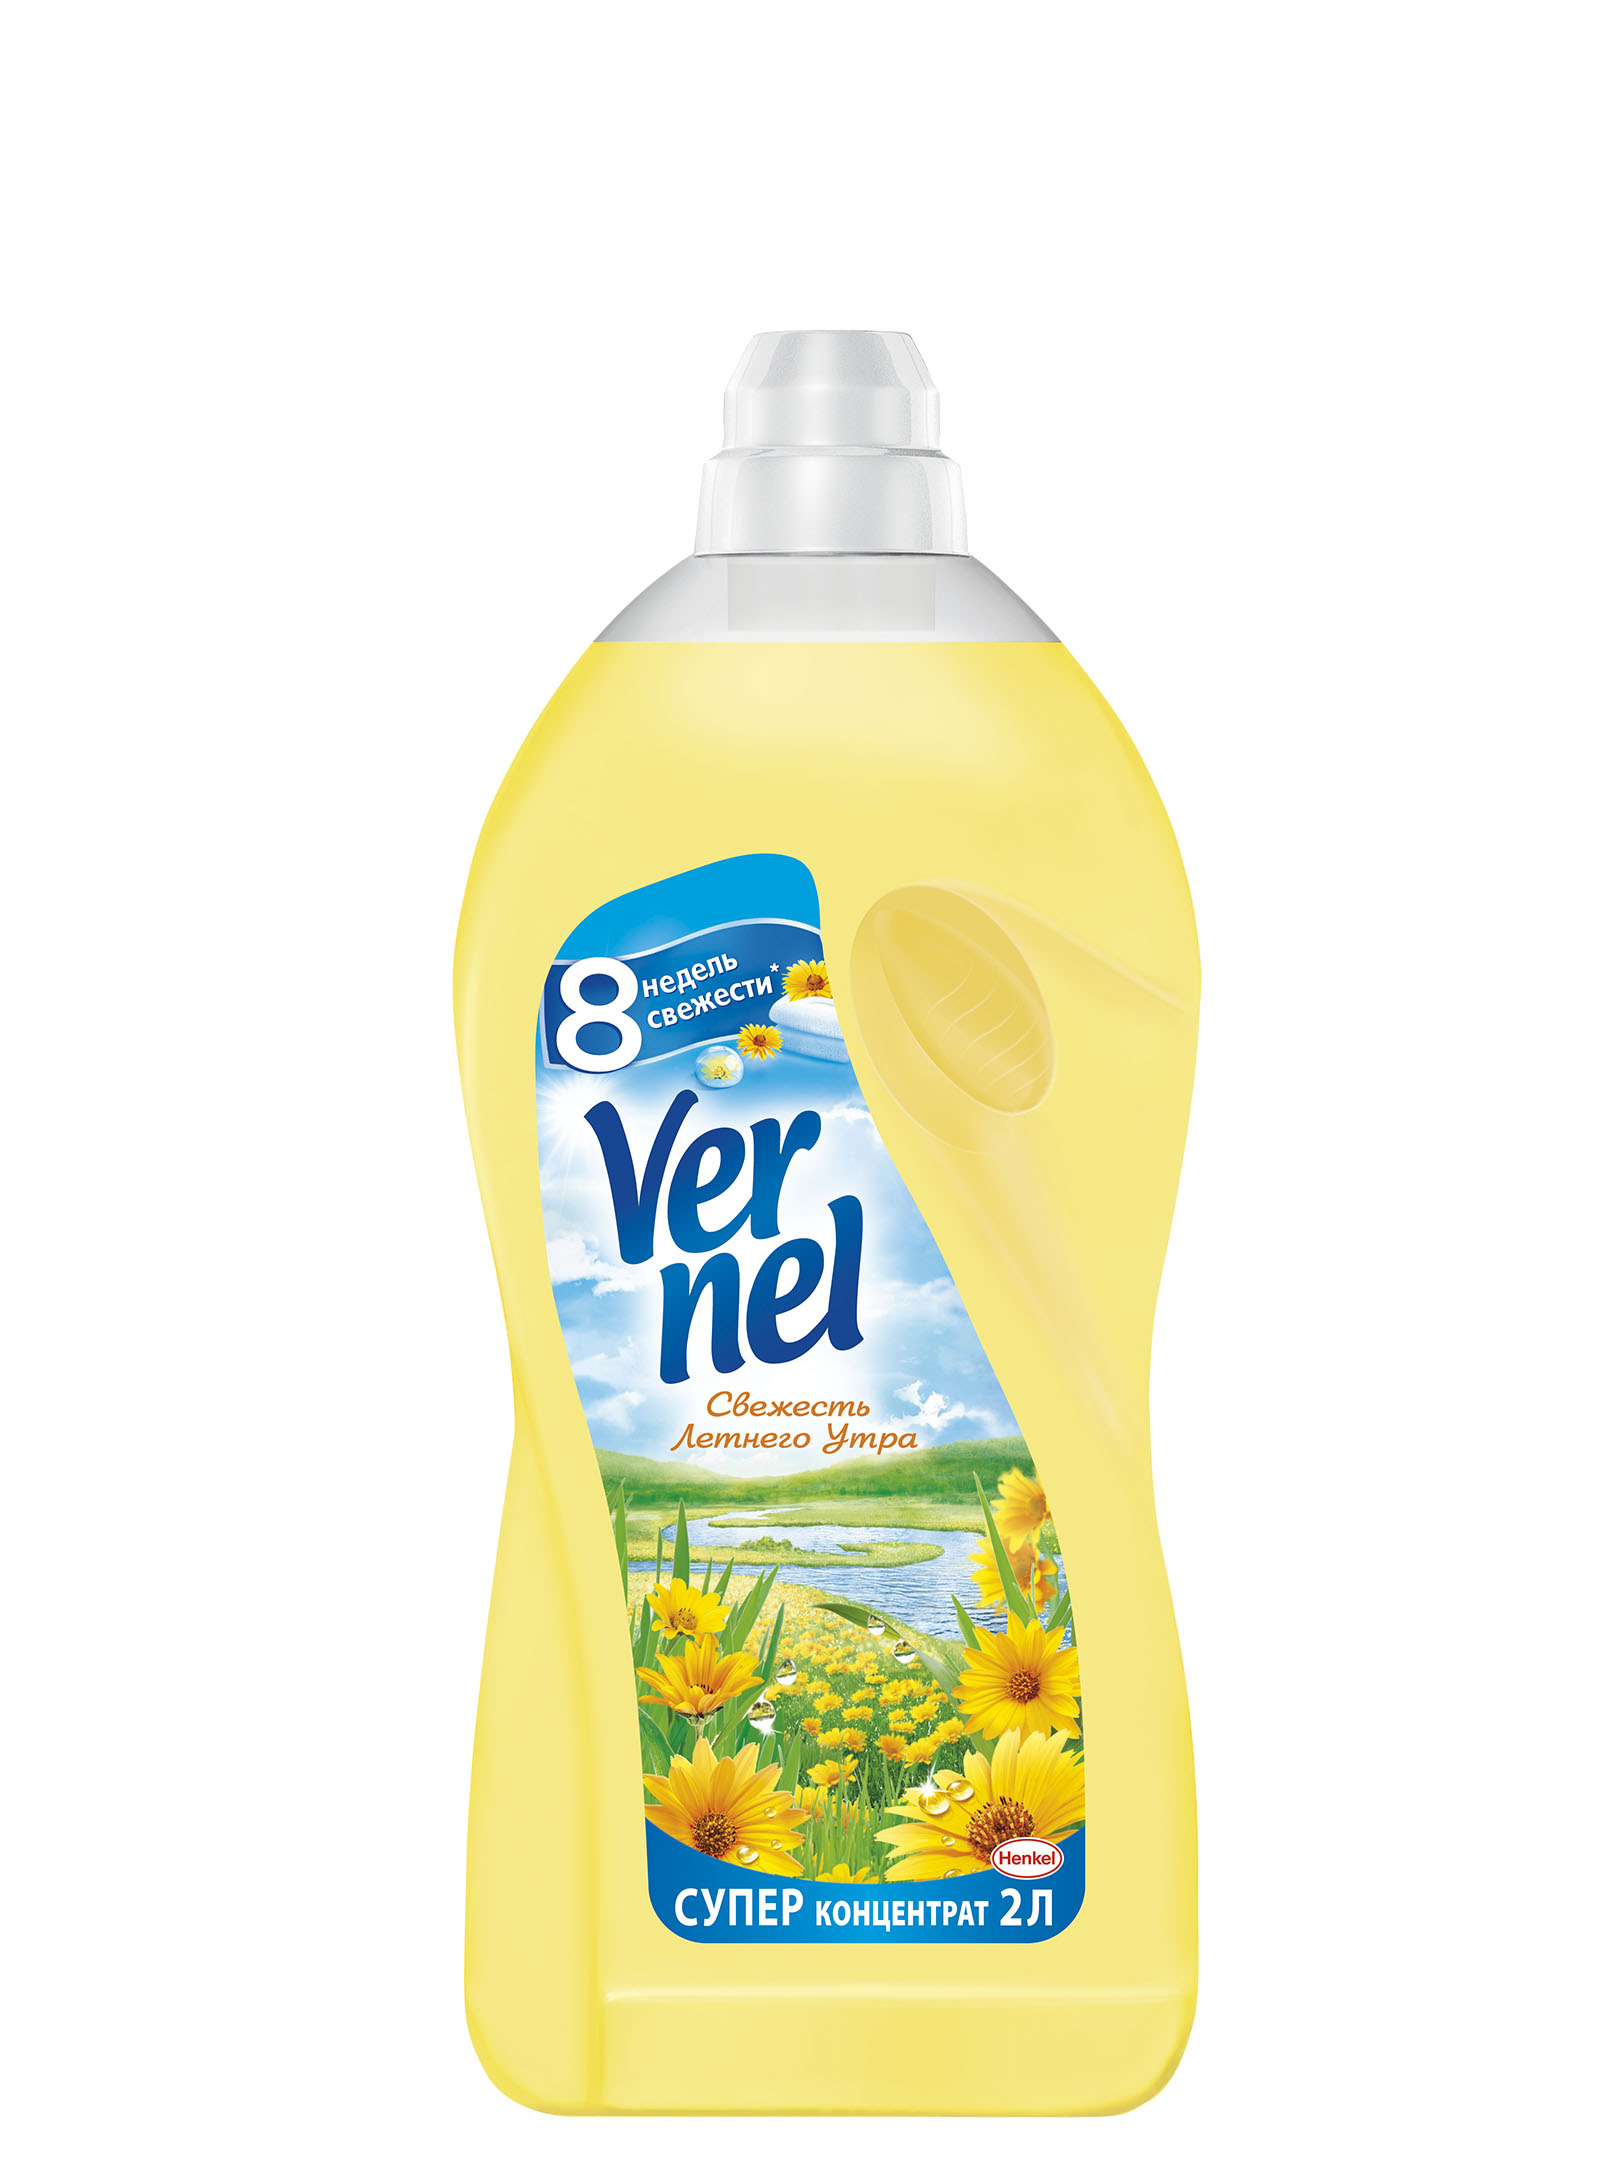 Кондиционер для белья Vernel Свежесть Летнего Утра 2л900813С новой Классической линейкой Vernel свежесть белья длится до 8 недель. Новая формула Vernel обогащена аромакапсулами, которые обеспечивают длительную свежесть. Более того, кондиционеры для белья Vernel придают белью невероятную мягкость, такую же приятную, как и ее запах.Свойства кондиционера для белья Vernel:1. Придает мягкость2. Придает приятный аромат3. Обладает антистатическим эффектом4. Облегчает глажениеДо 8 недель свежести при условии хранения белья без использования благодаря аромакапсуламСостав: Состав: 5-15% катионные ПАВ; Товар сертифицирован.